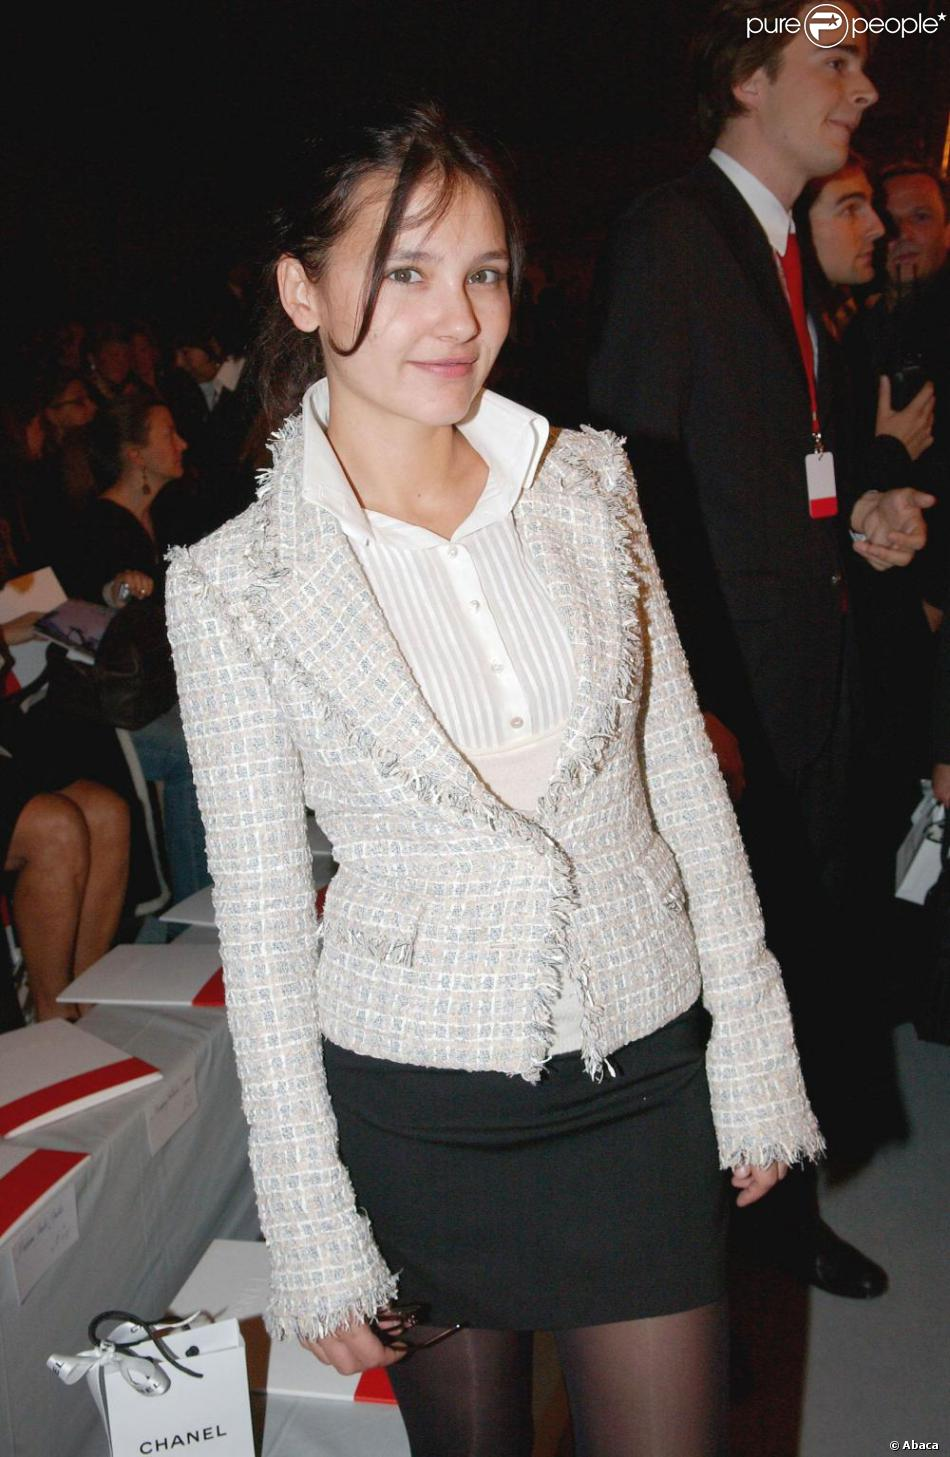 d61fcda3664e Virginie Ledoyen est une douce fan de Chanel. Elle ne manque pas une  occasion de sortir sa veste en tweed !